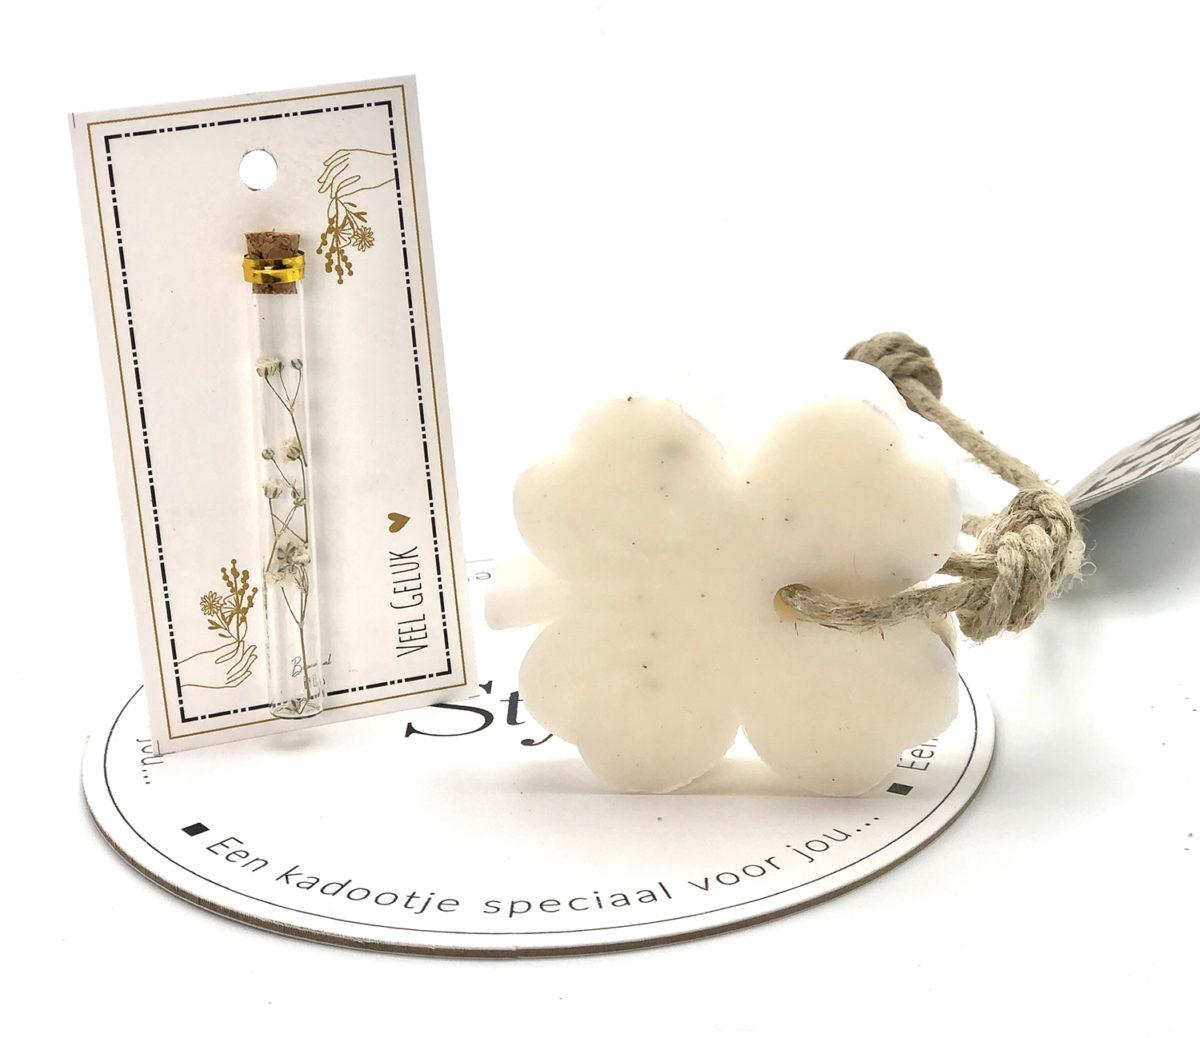 Stylin cadeau artikelen Rijnsburg een kadootje speciaal voor jou geurkaarsjes met droogbloemen